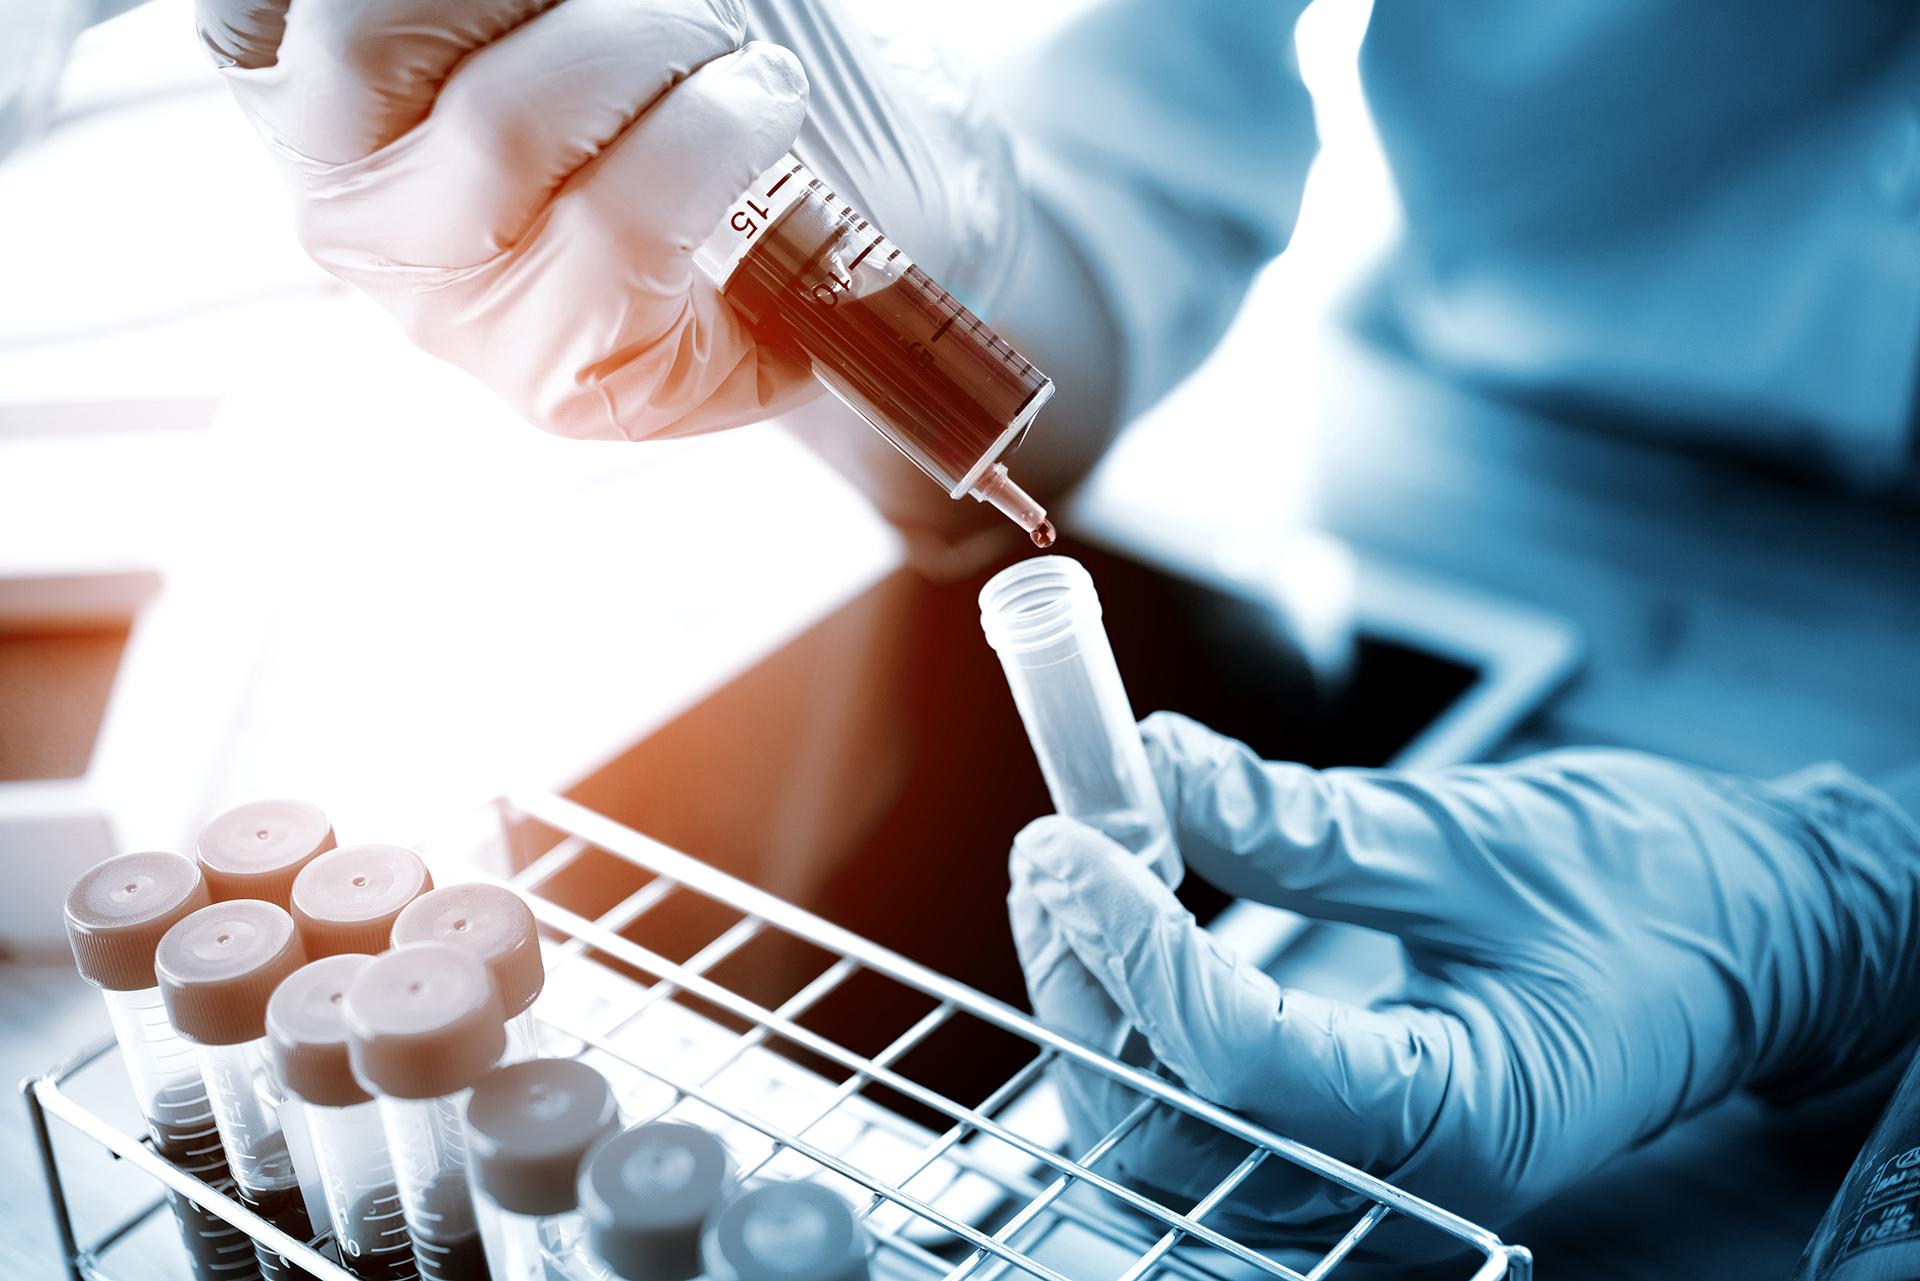 OrthoSera szimpózium a Tudományos Akadémián, neves előadókkal